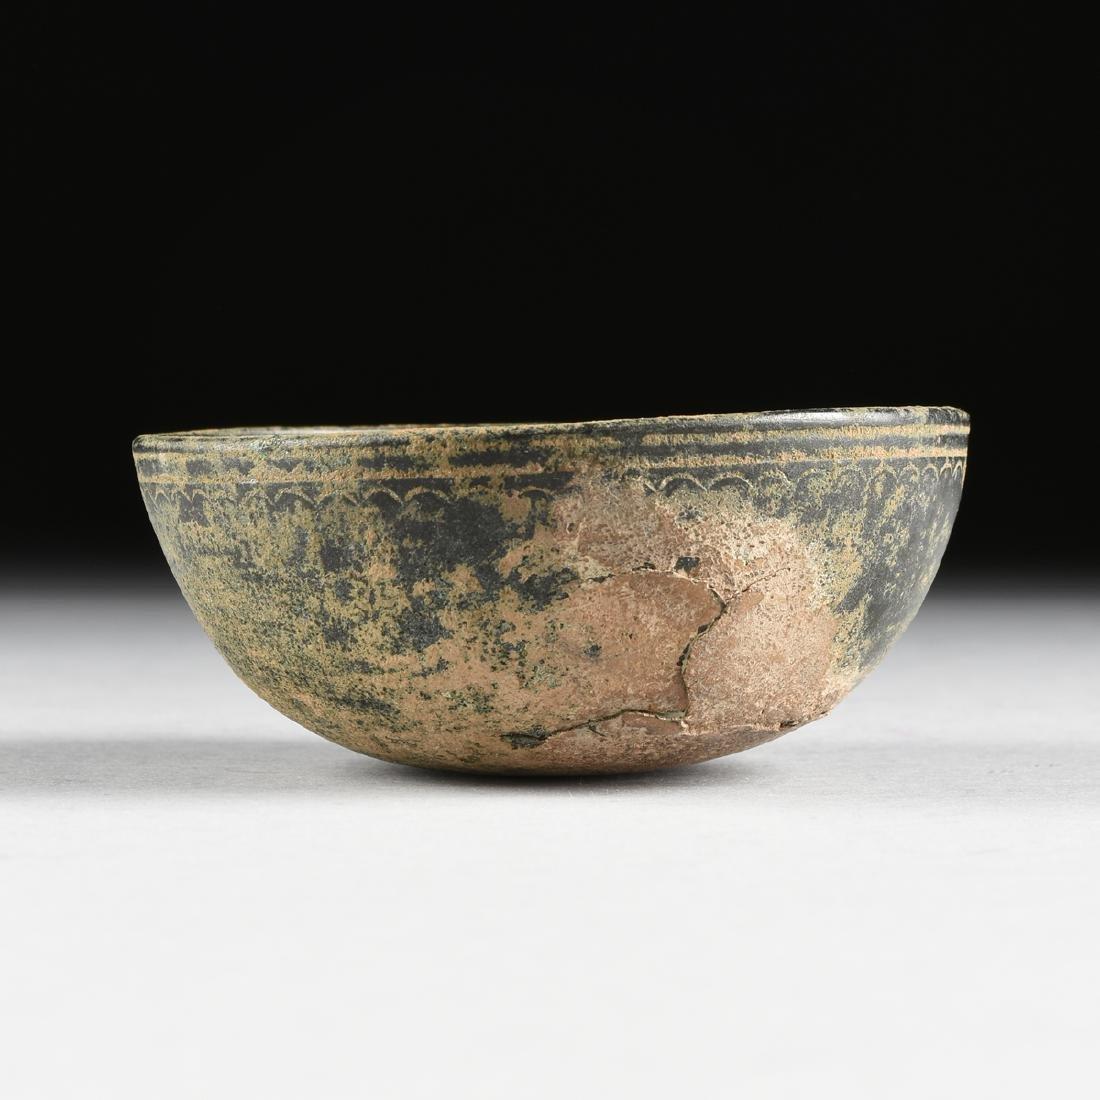 AN ANCIENT ROMAN BRONZE BOWL, FIRST CENTURY A.D.,